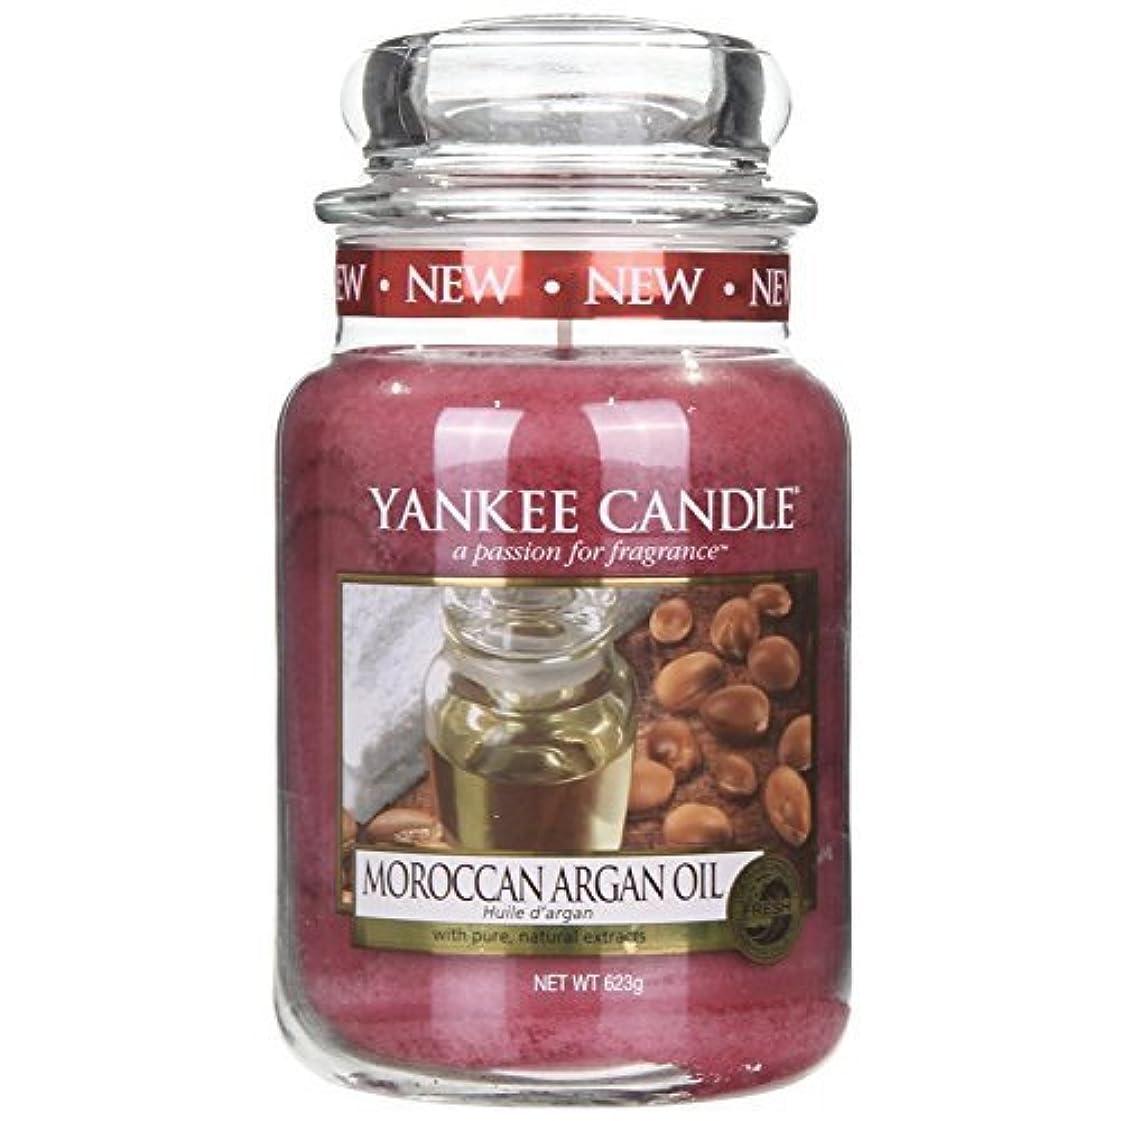 頼るワックス気体のYankee Candle MOROCCAN ARGAN OIL 22oz Large Jar Candle - UK Exclusive by Yankee Candle [並行輸入品]